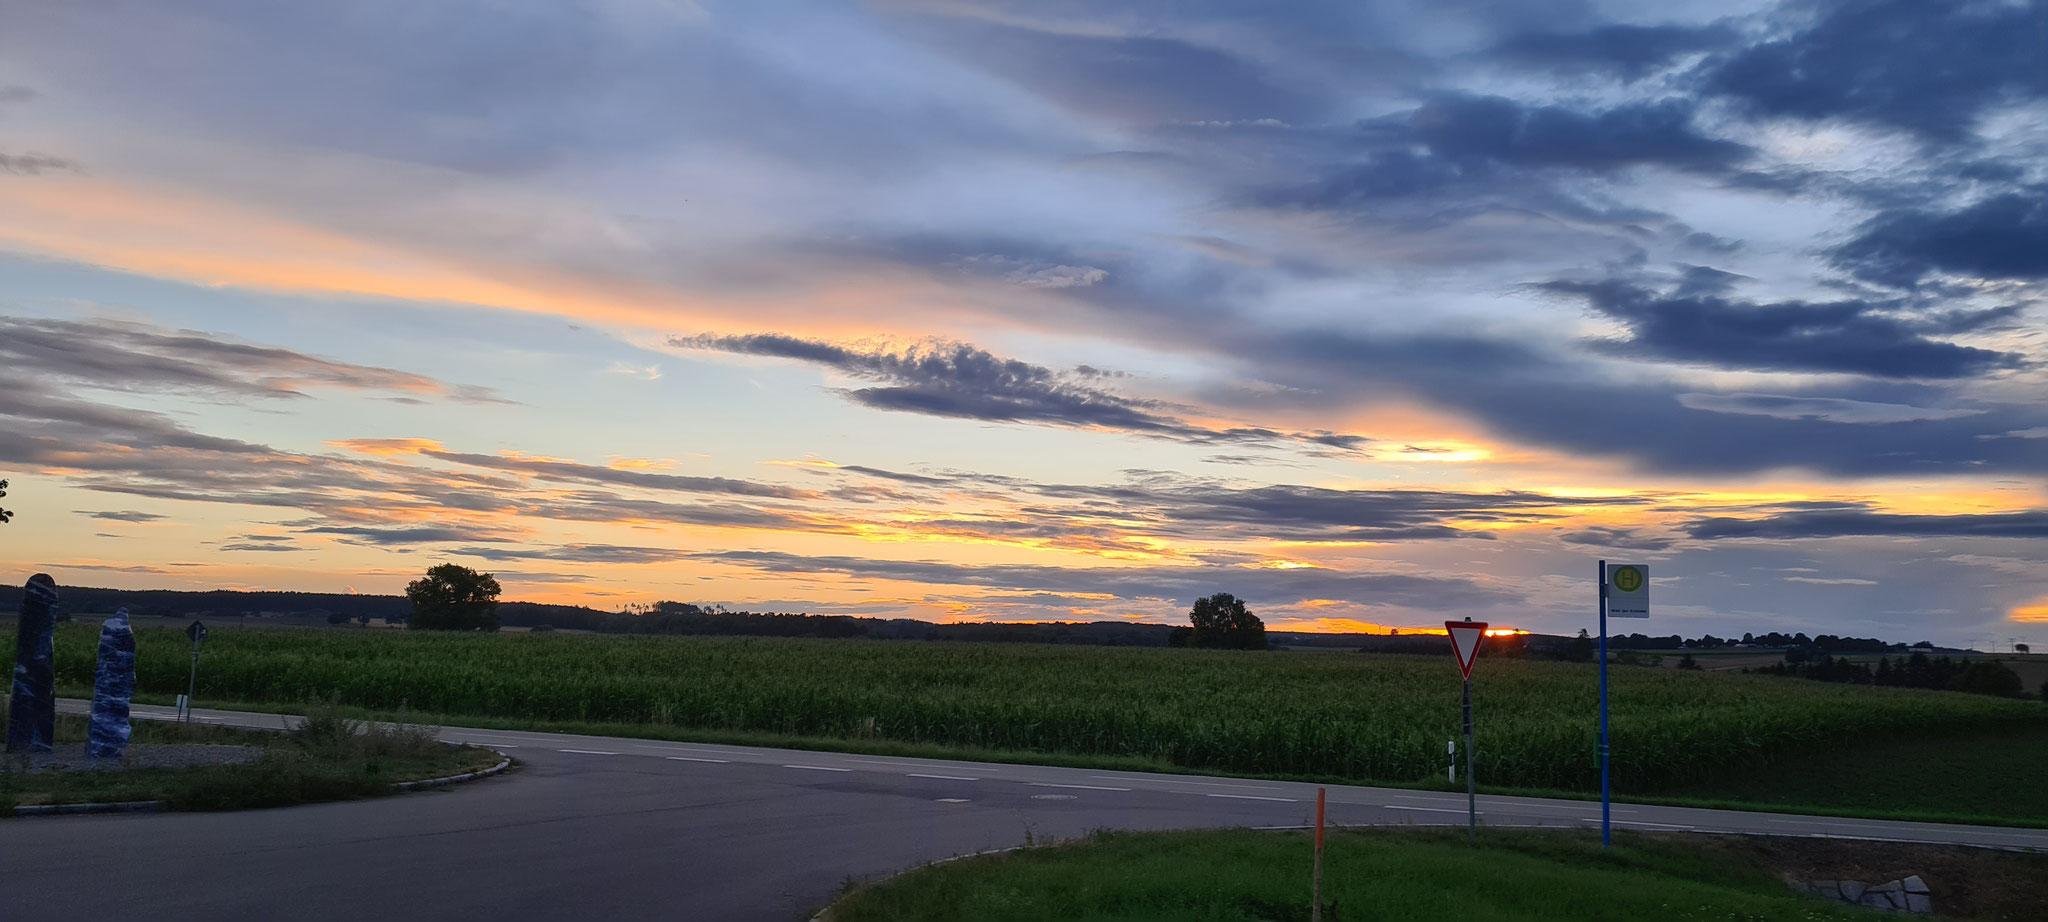 Sonnenuntergang in Dietingen...